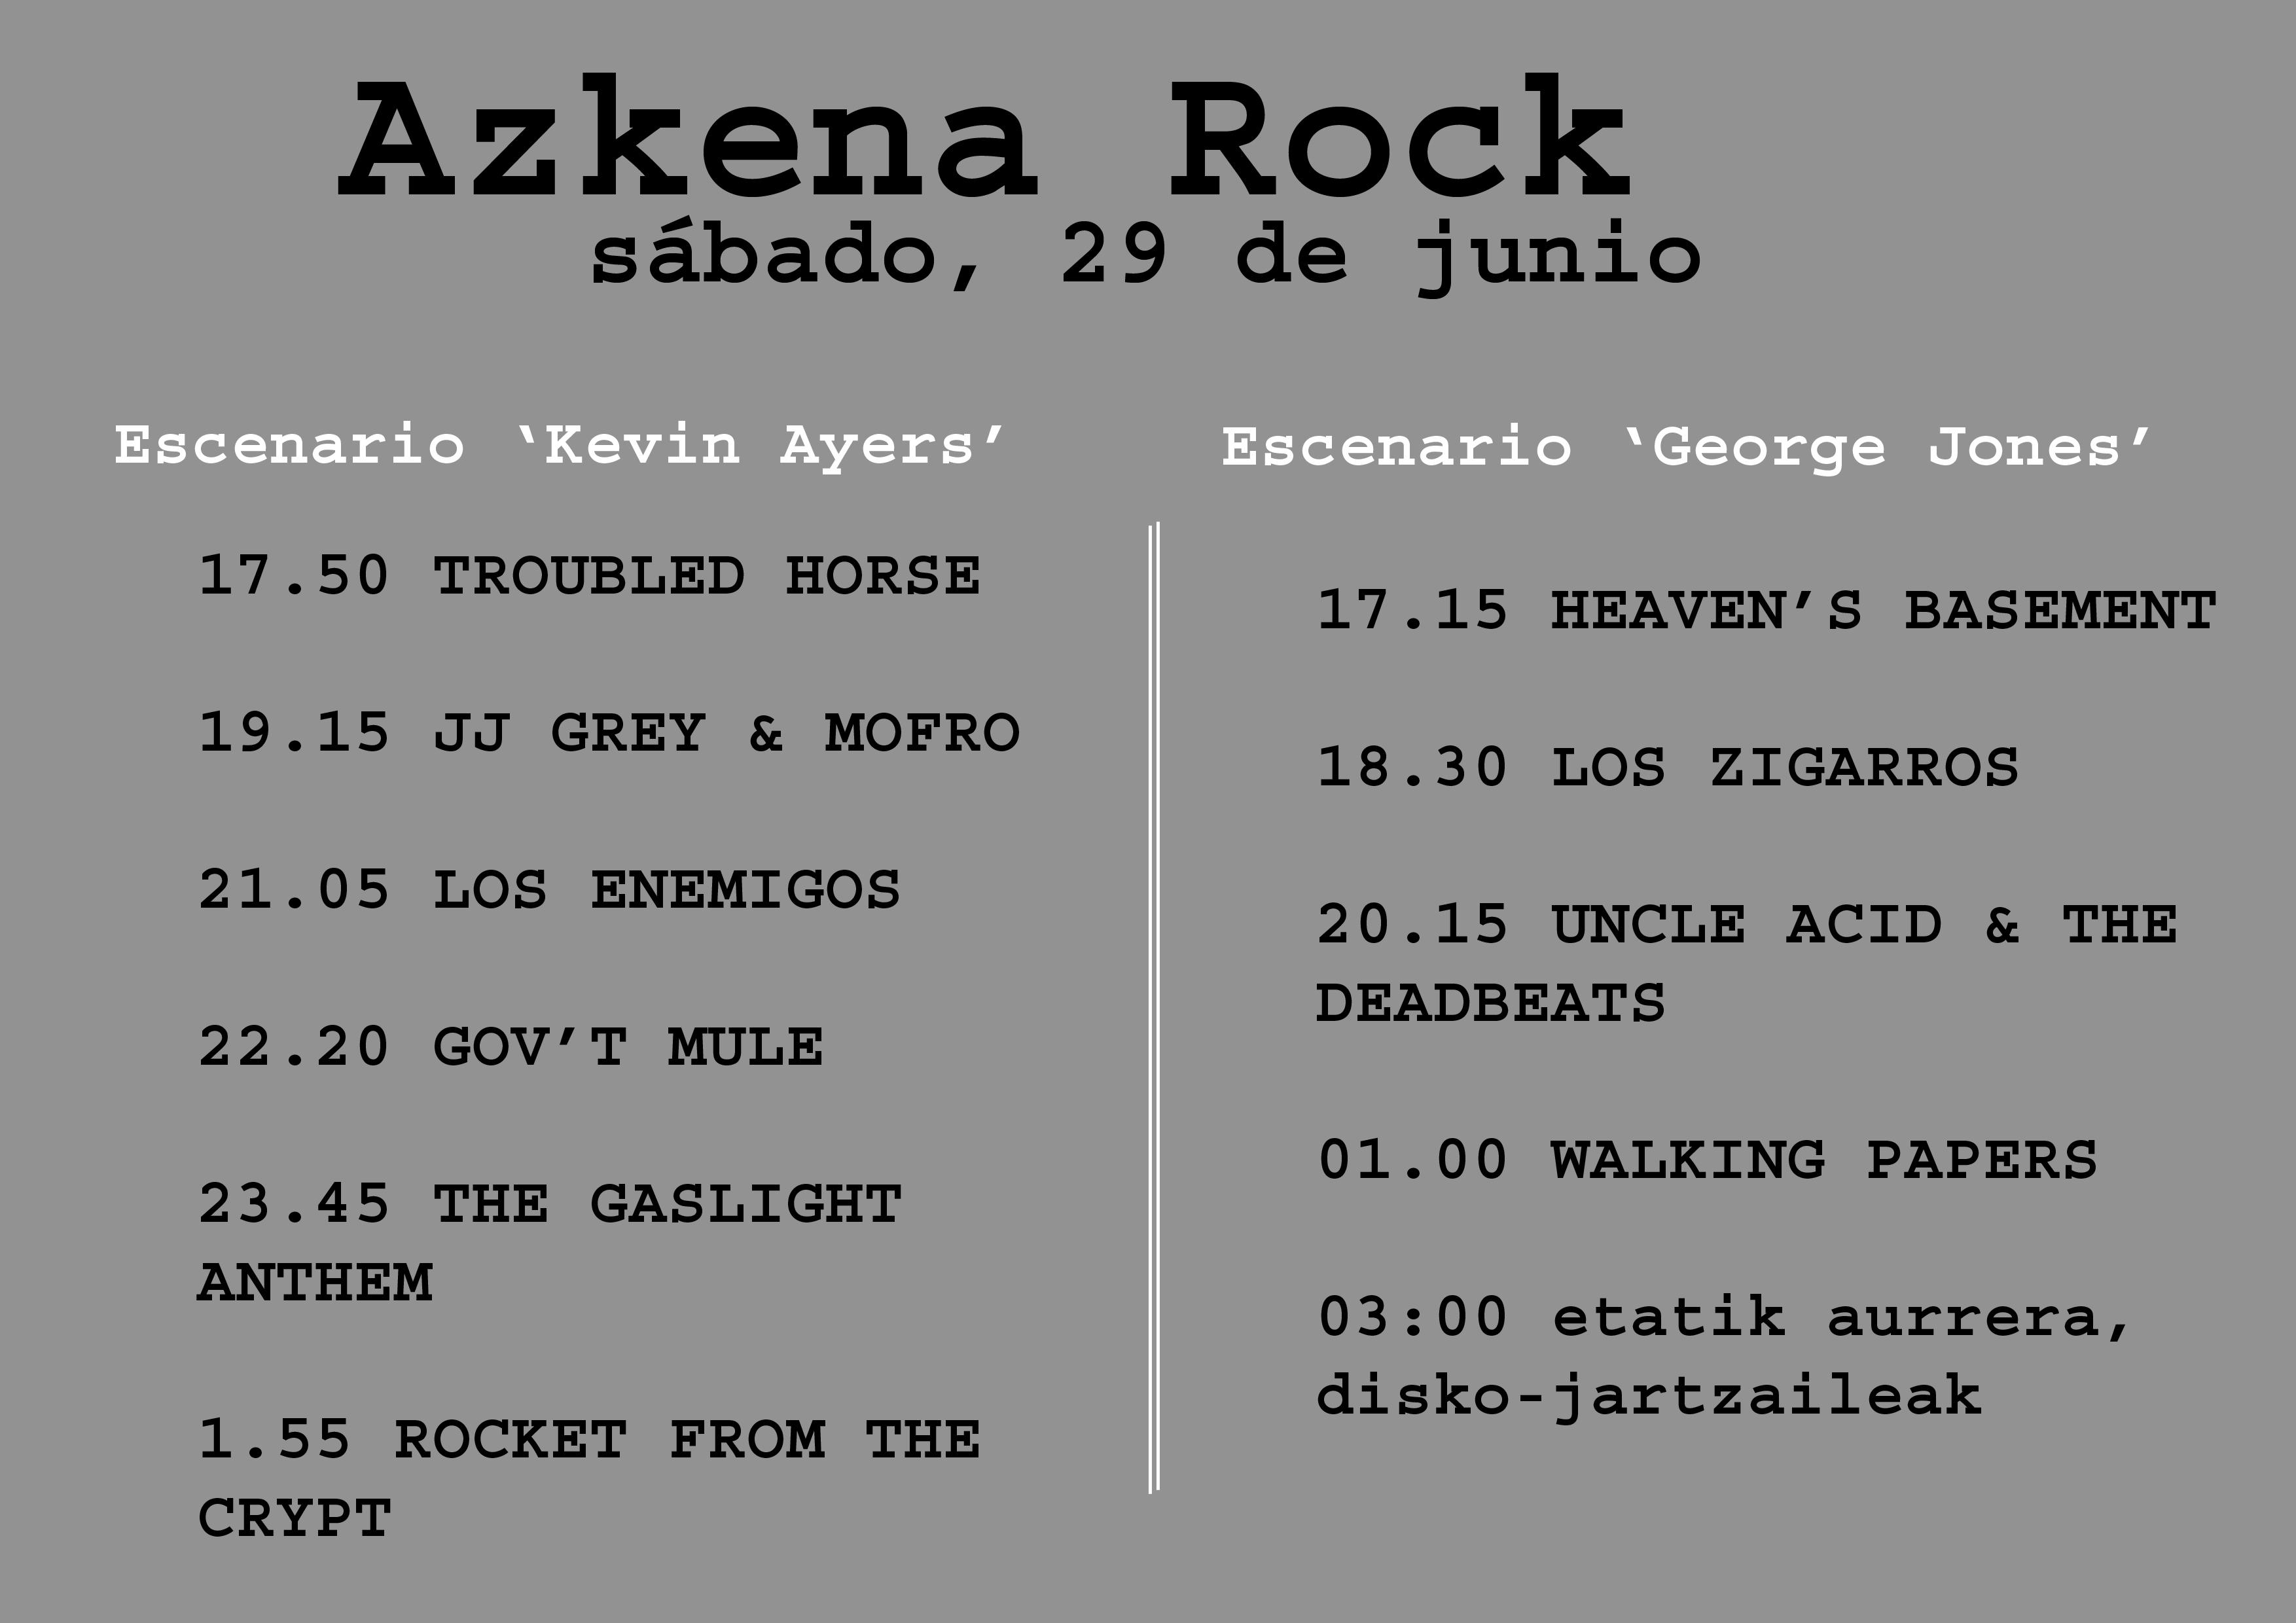 Azkena Rock, sábado 29 de junio